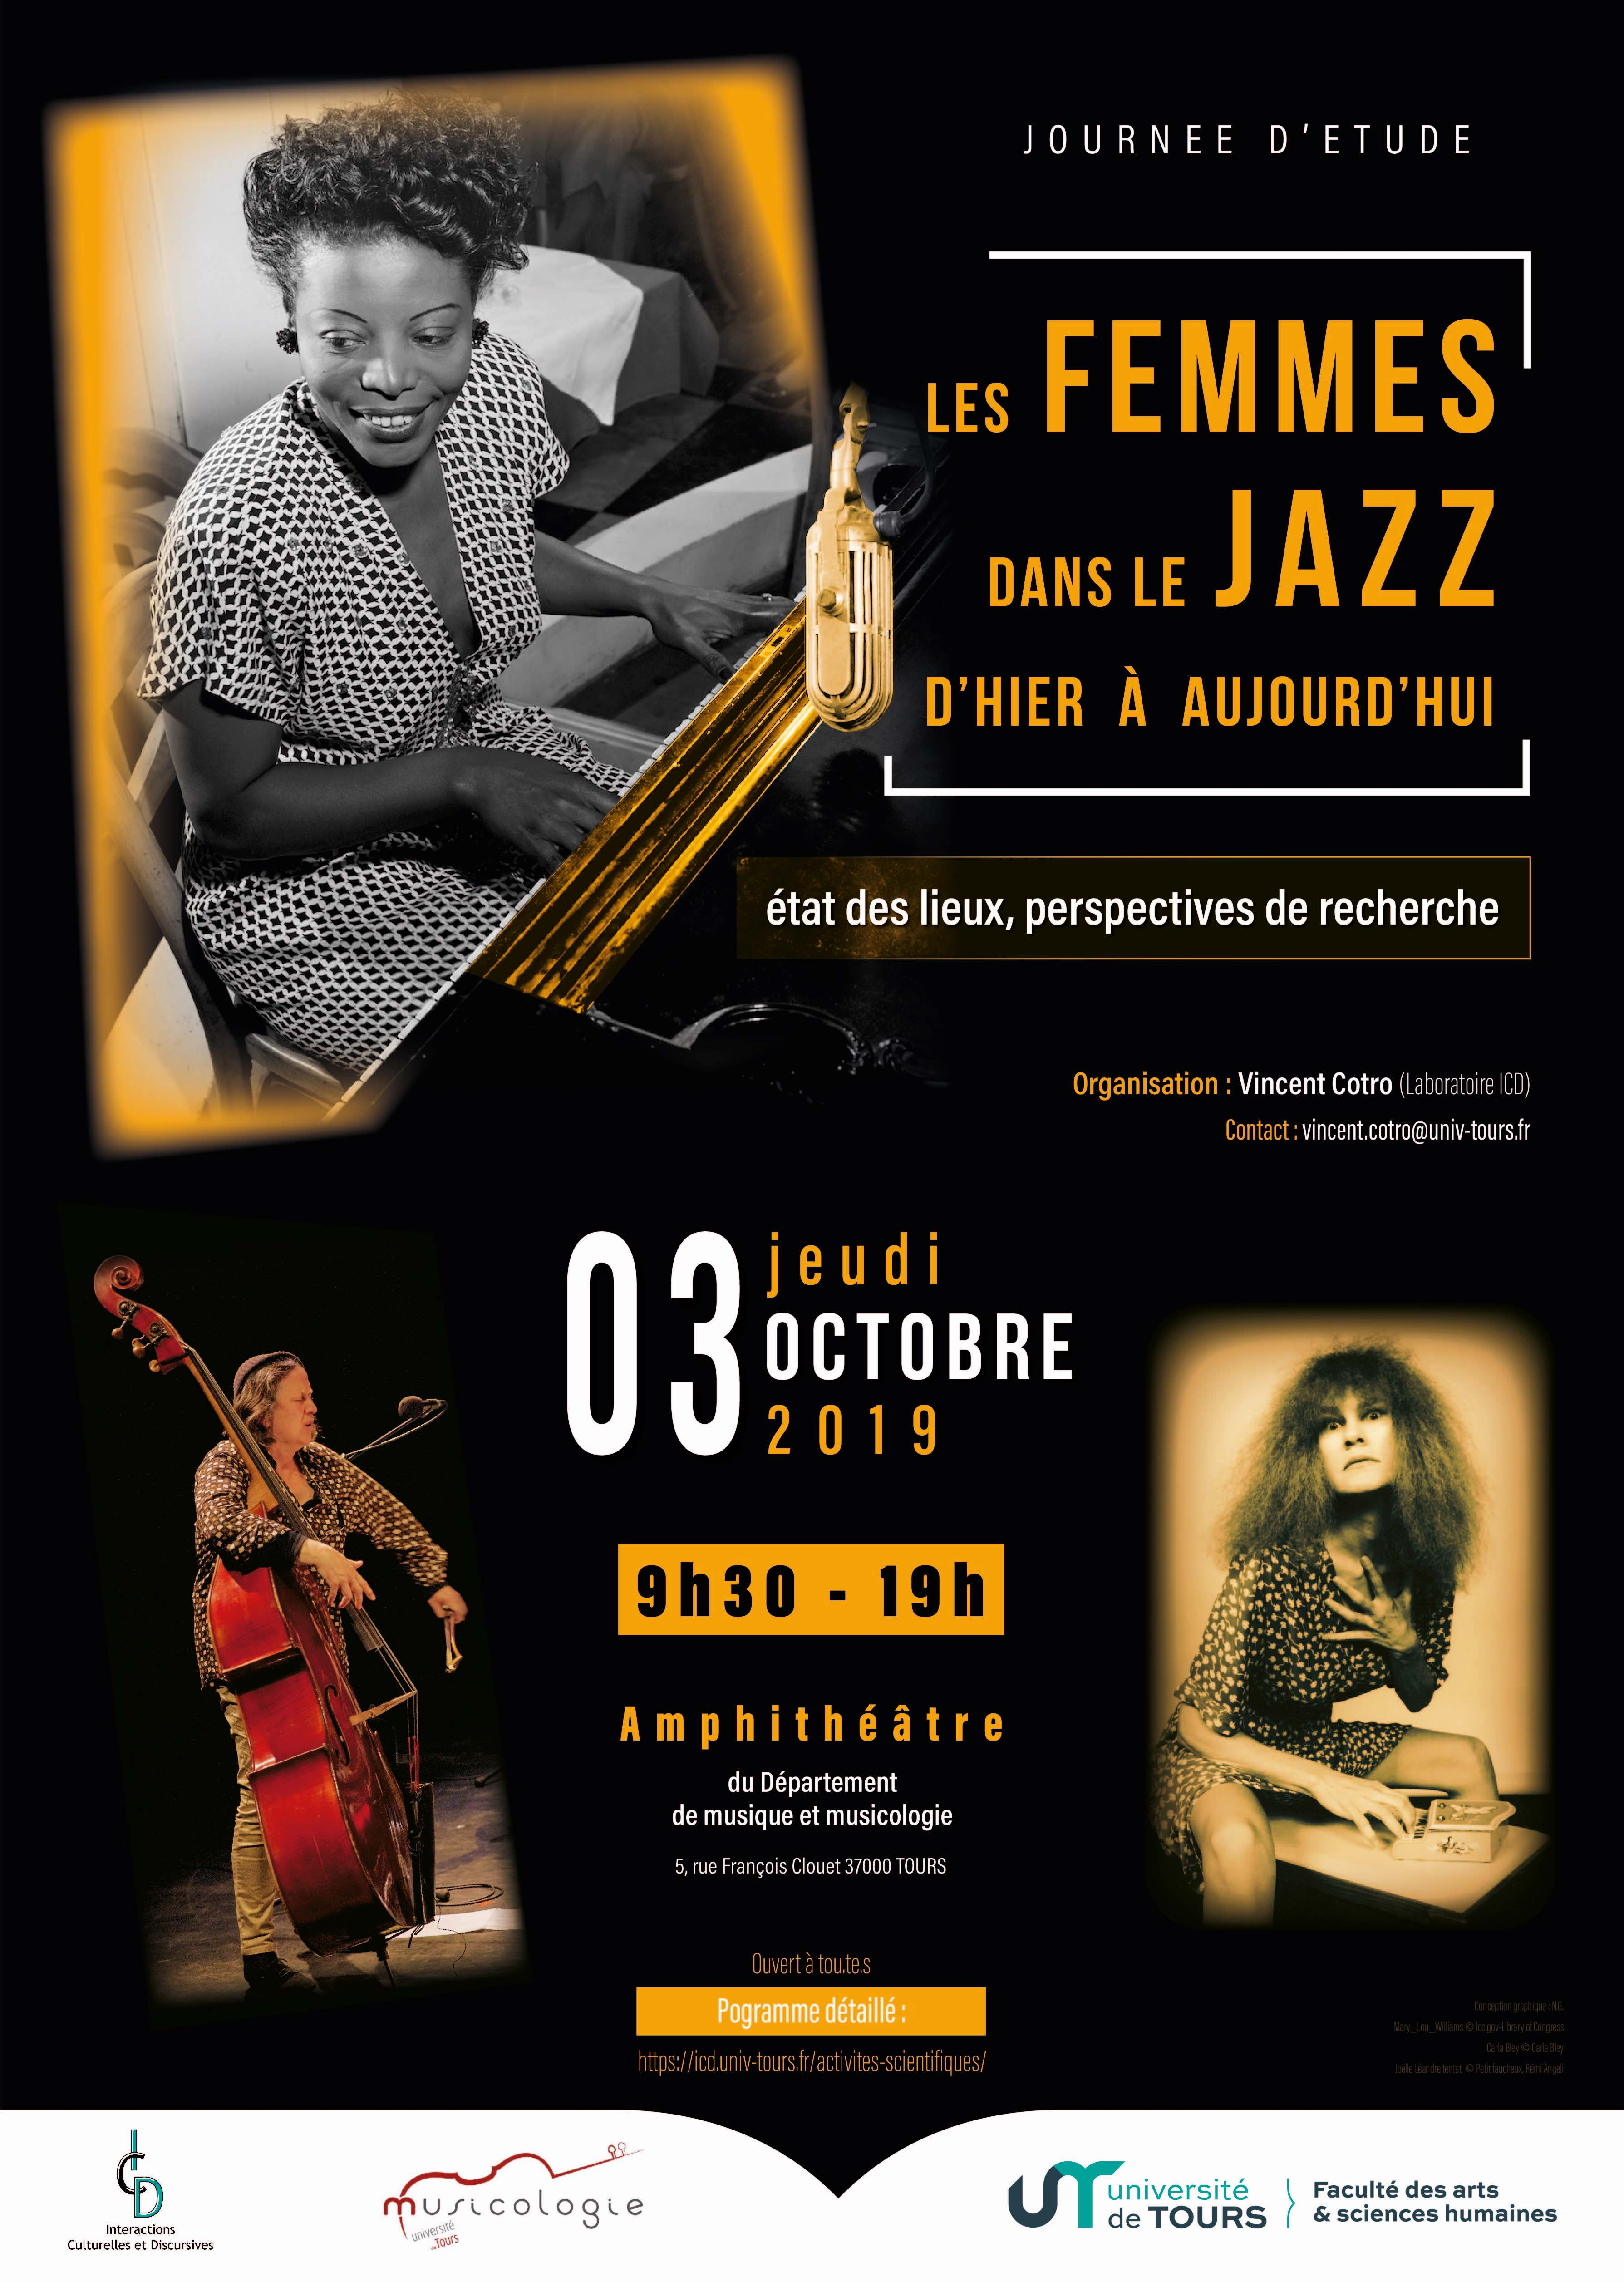 Femmes dans le jazz